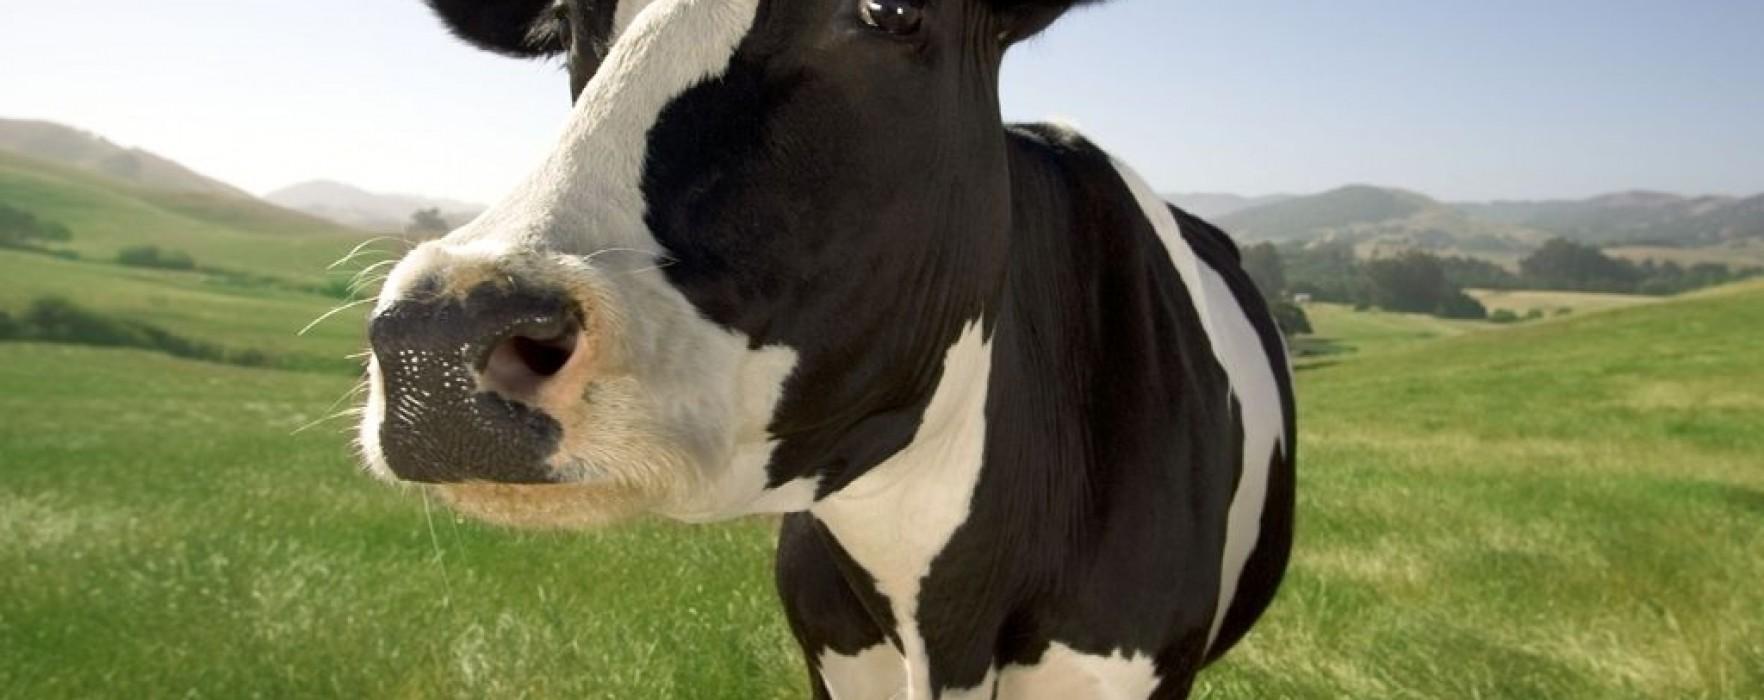 Boala vacii nebune, la o fermă în Dâmboviţa; carnea infestată urma să ajungă în magazine